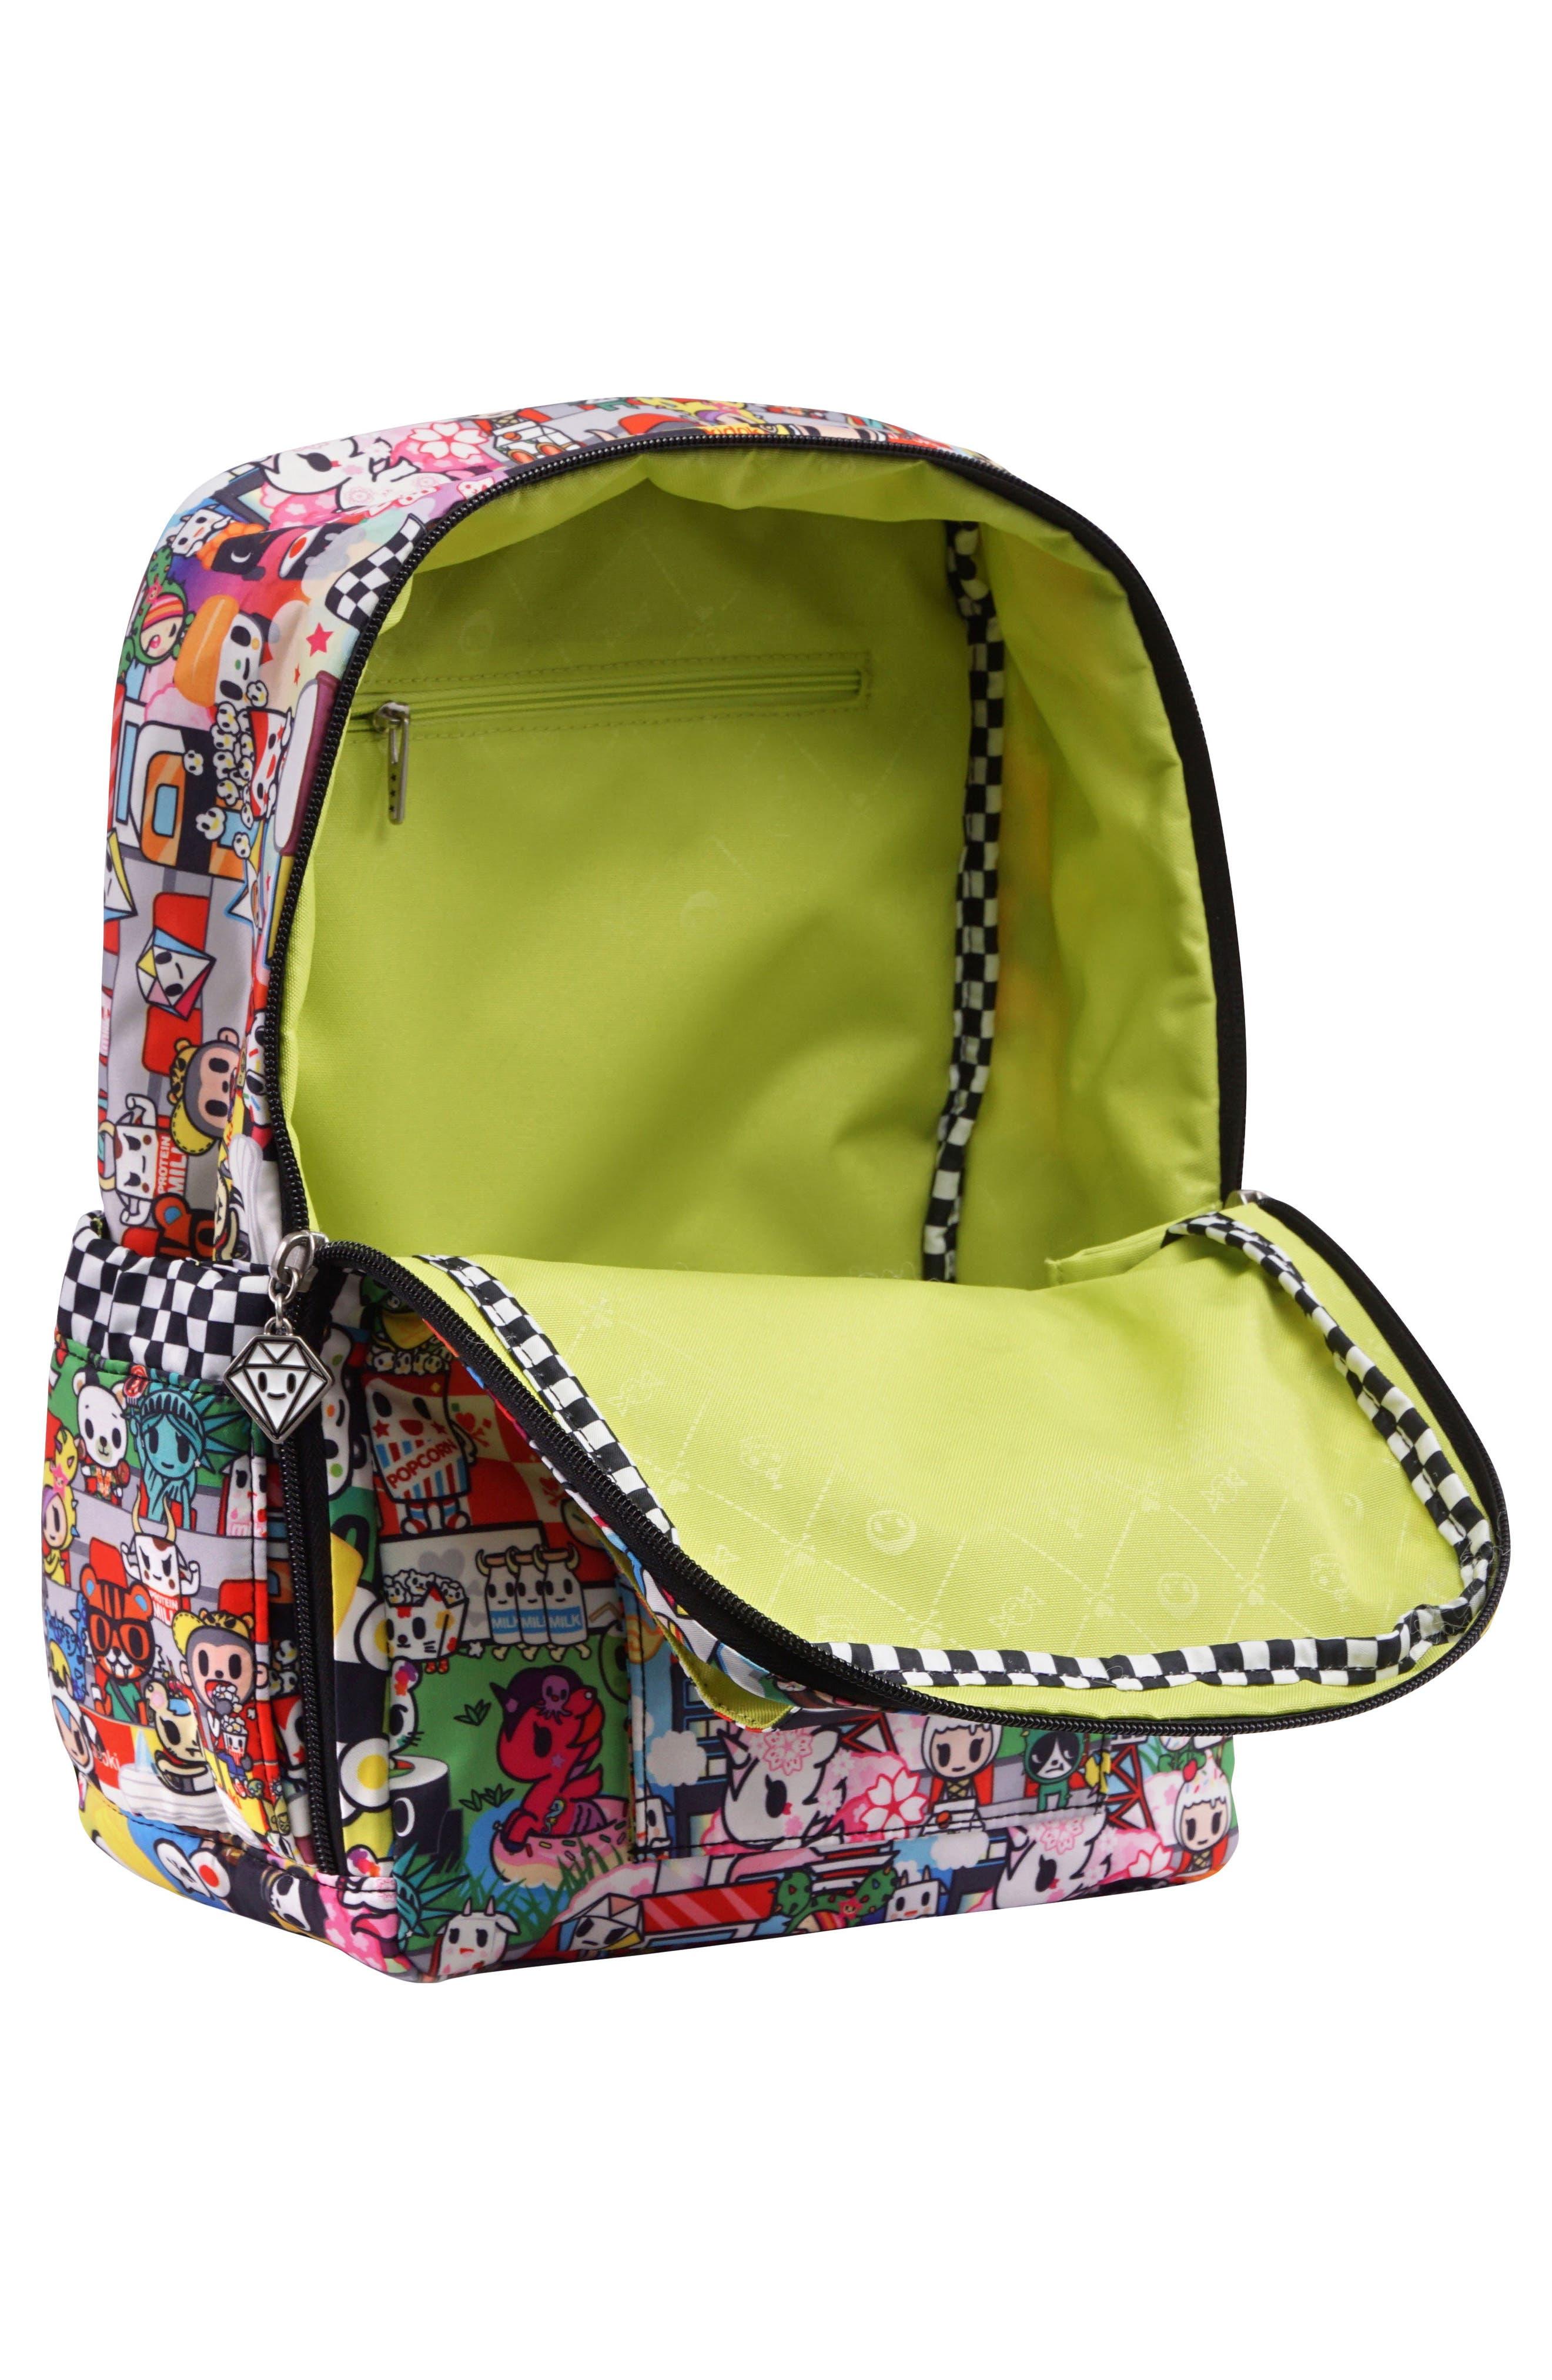 tokidoki x Ju-Ju-Be 'Mini Be' Backpack,                             Alternate thumbnail 3, color,                             SUSHI CARS